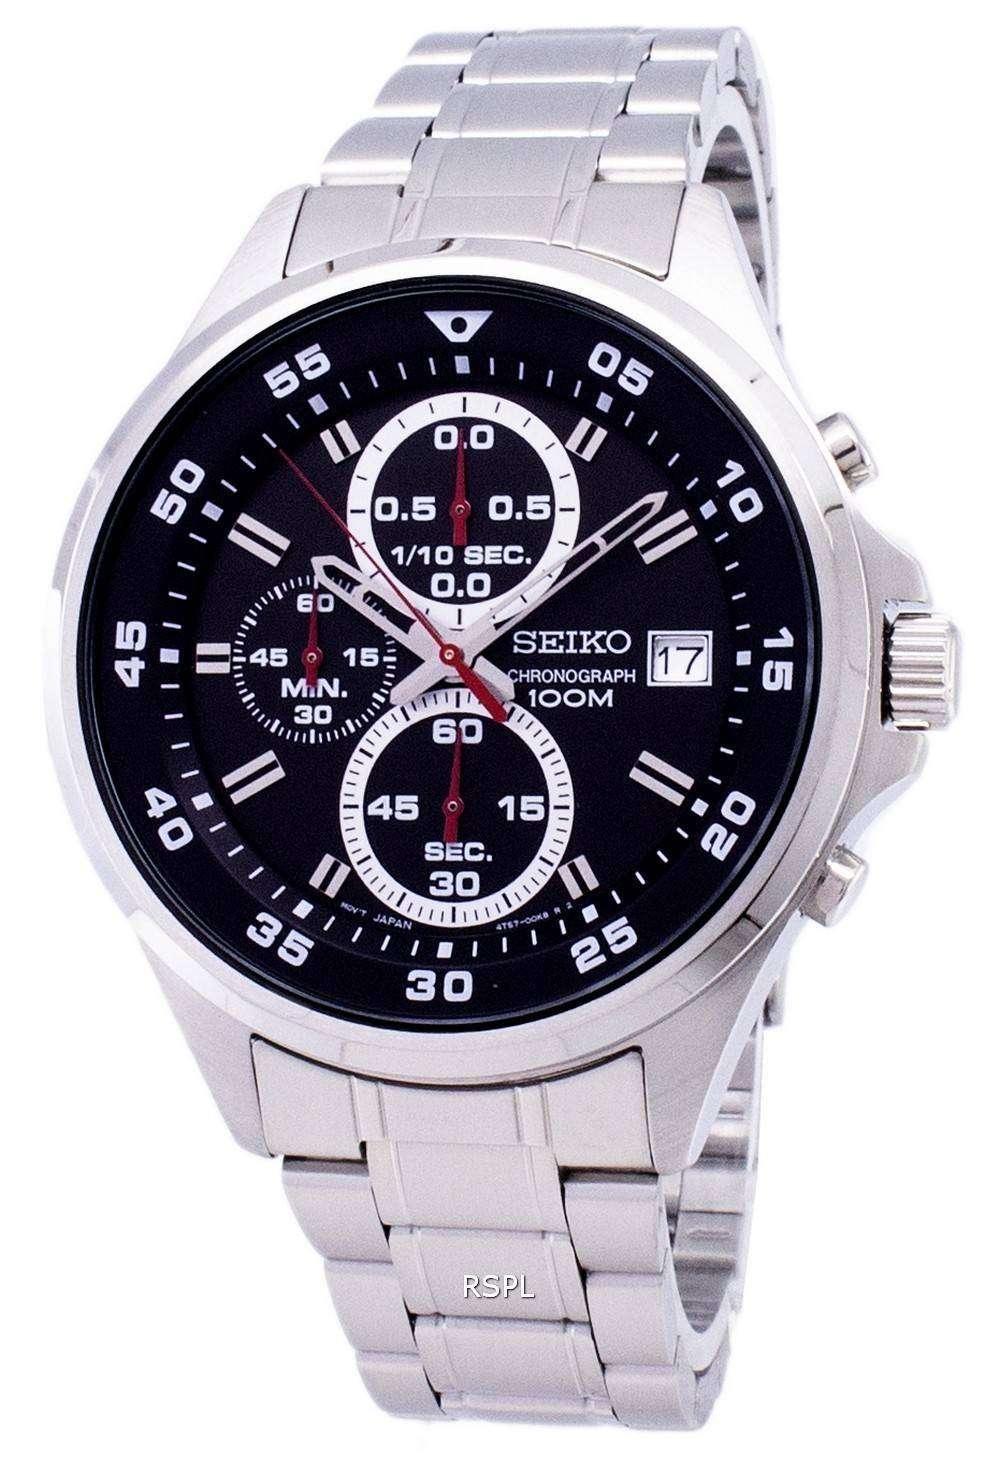 5dcab8d98c41 Reloj Seiko cronógrafo de cuarzo SKS627 SKS627P1 SKS627P de los hombres